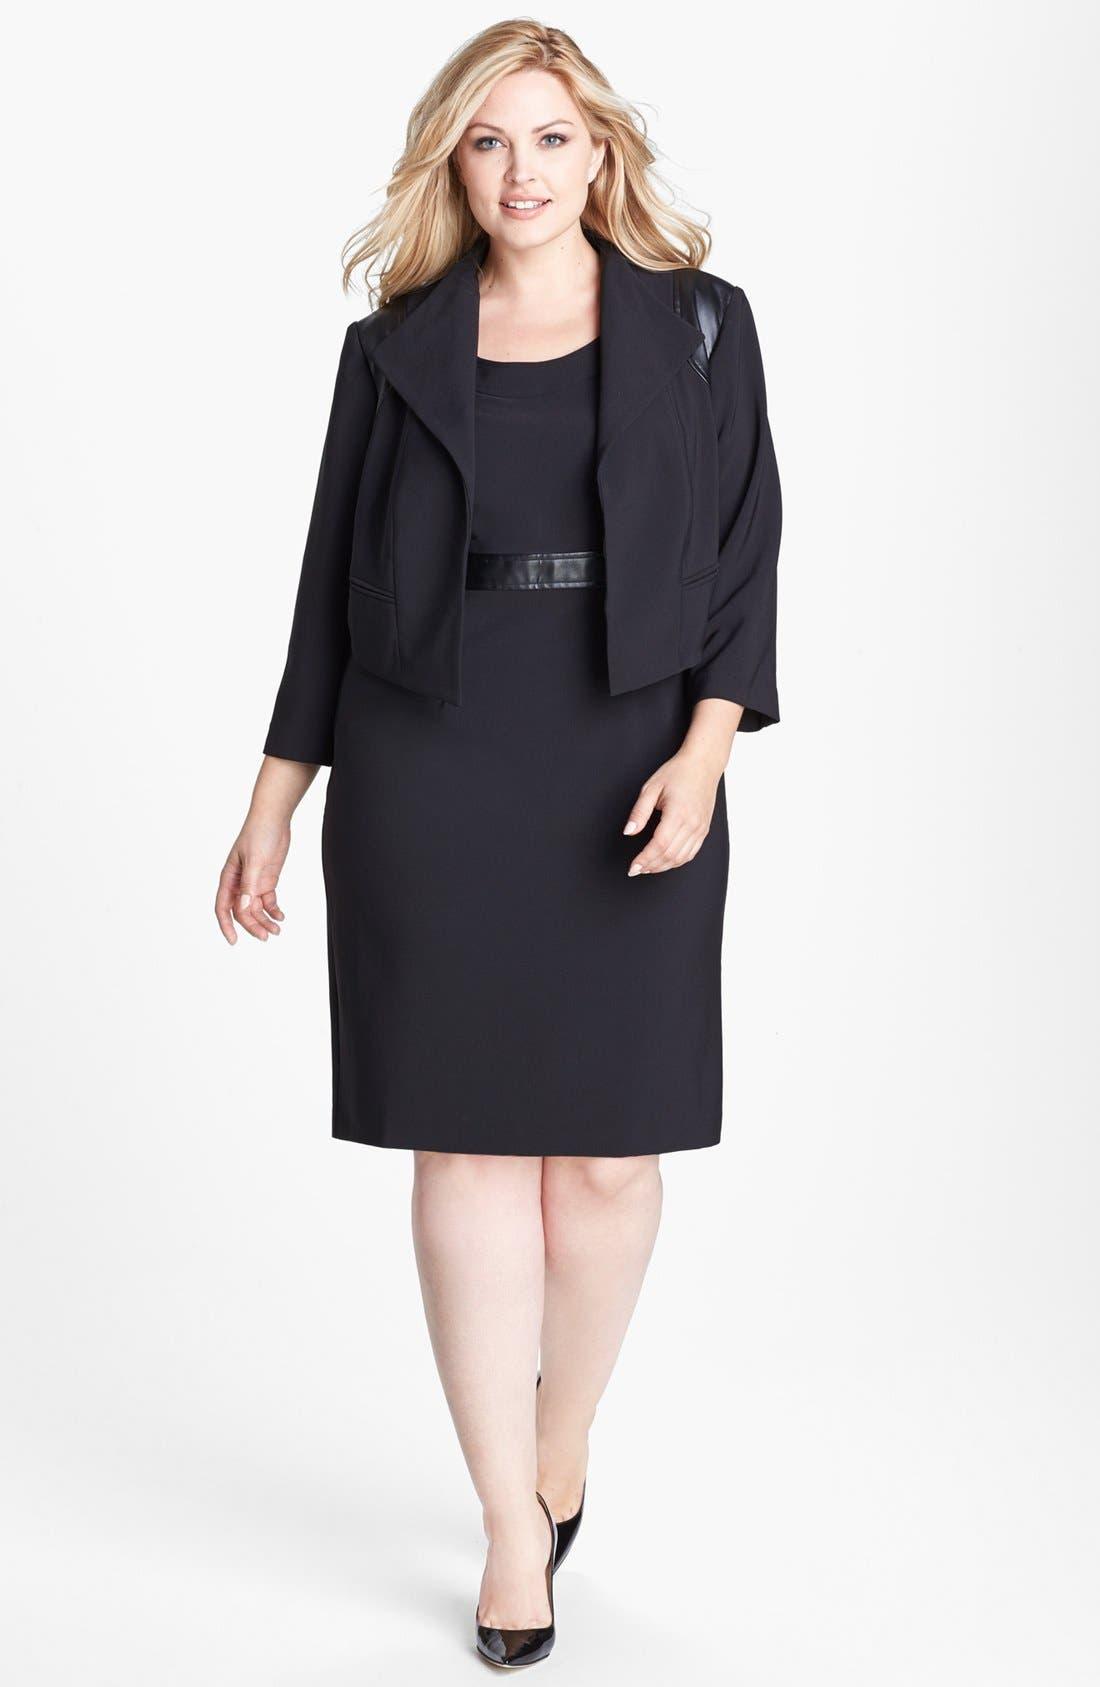 Main Image - London Times Faux Leather Trim Crepe Dress & Jacket (Plus Size)